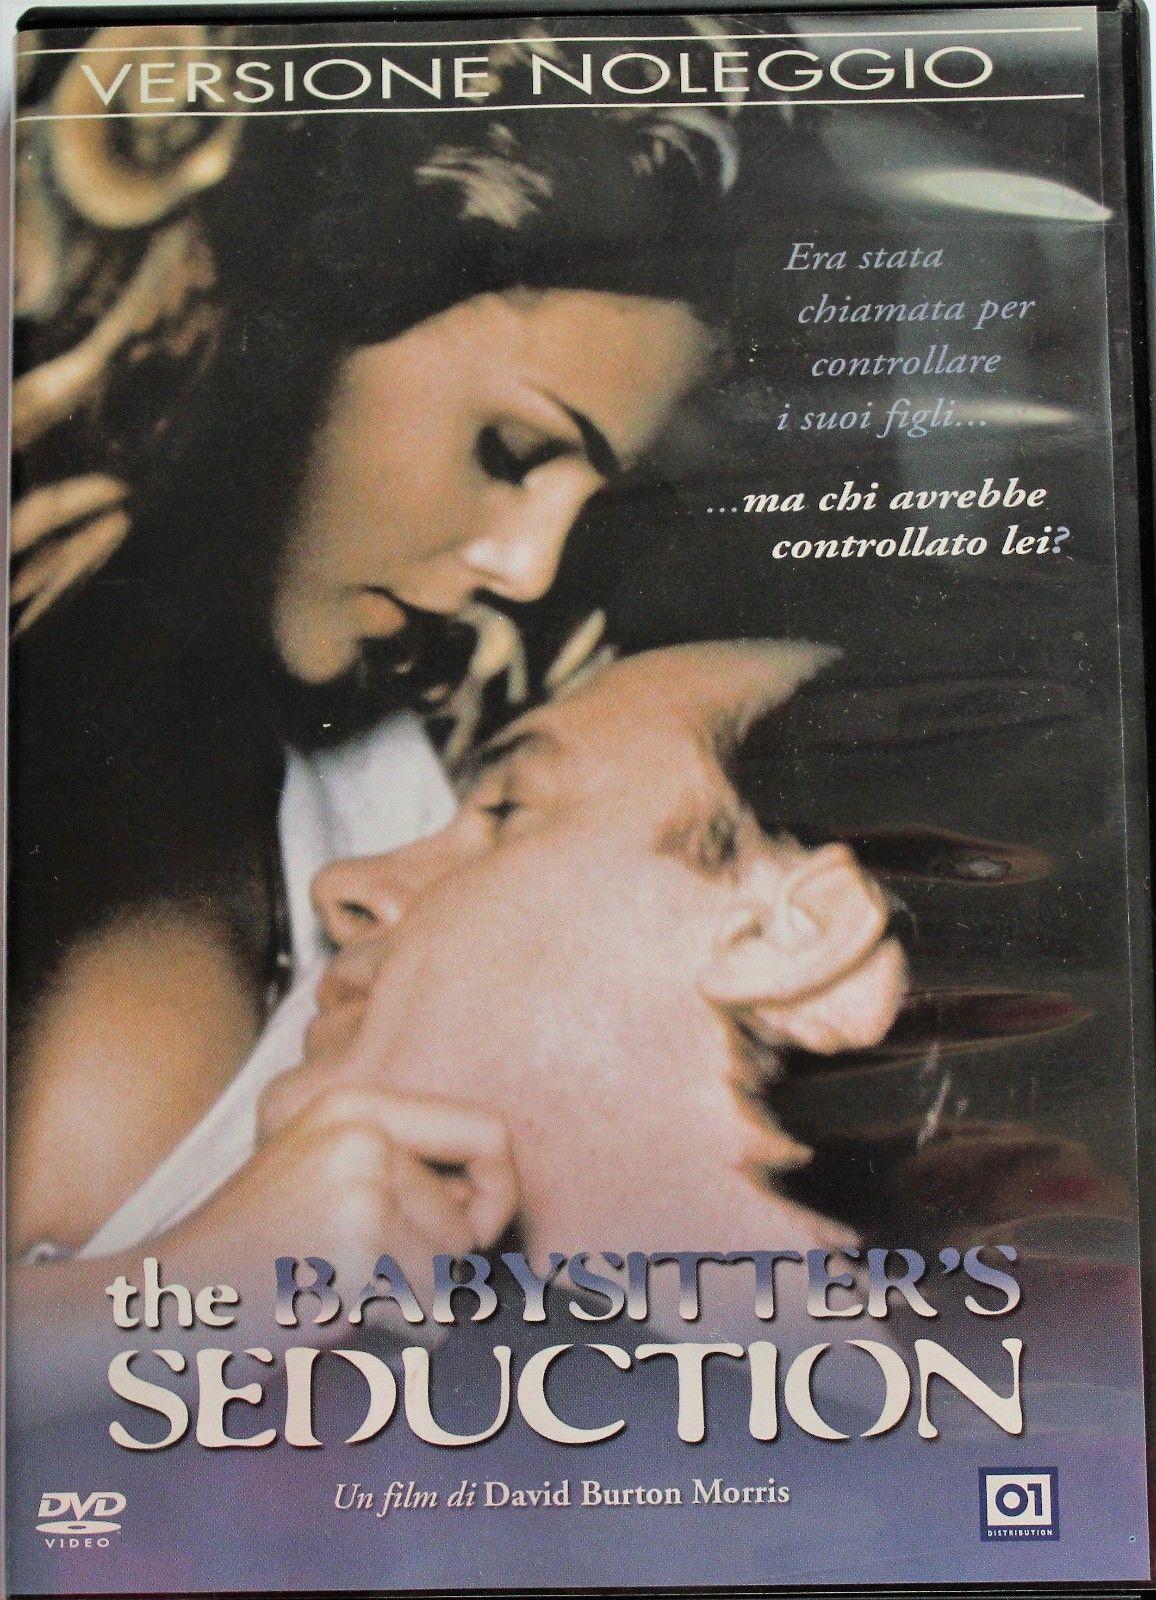 THE BABYSITTER'S SEDUCTION - EX NOLEGGIO (DVD)